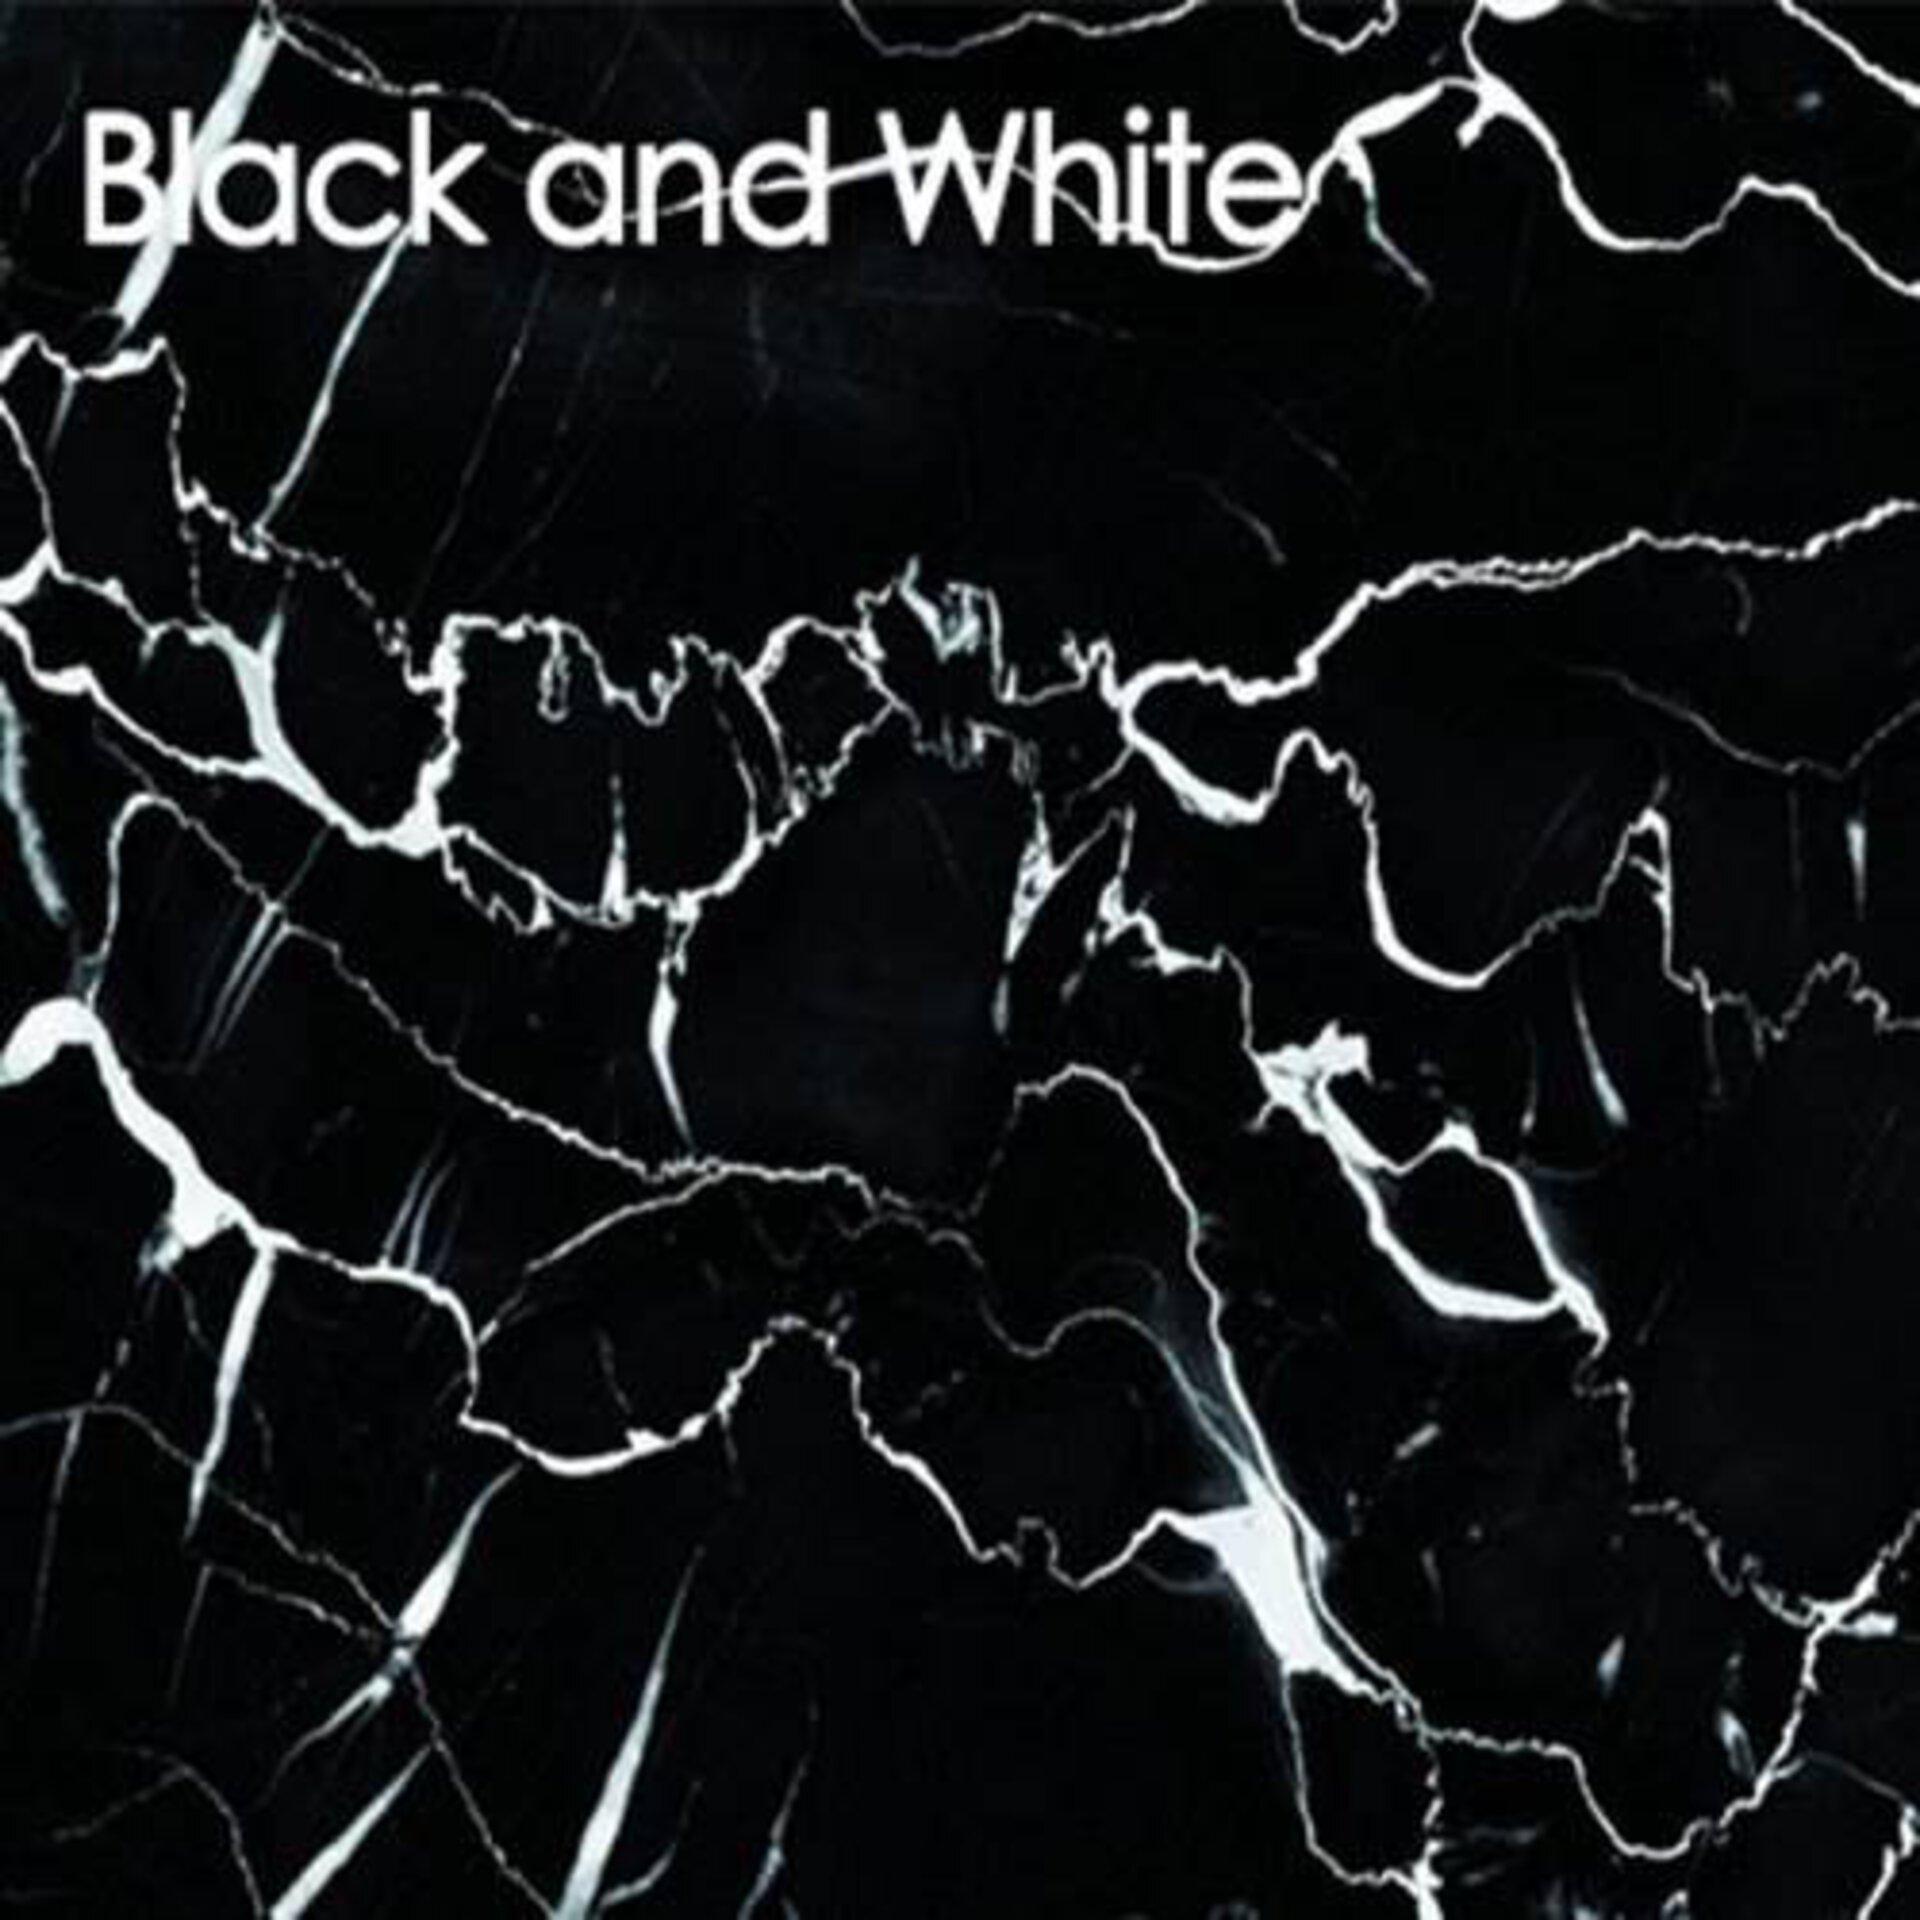 Arbeitsplatte aus Glas in Schwarz und Weiß. Das Muster wirkt fast wie Marmor.